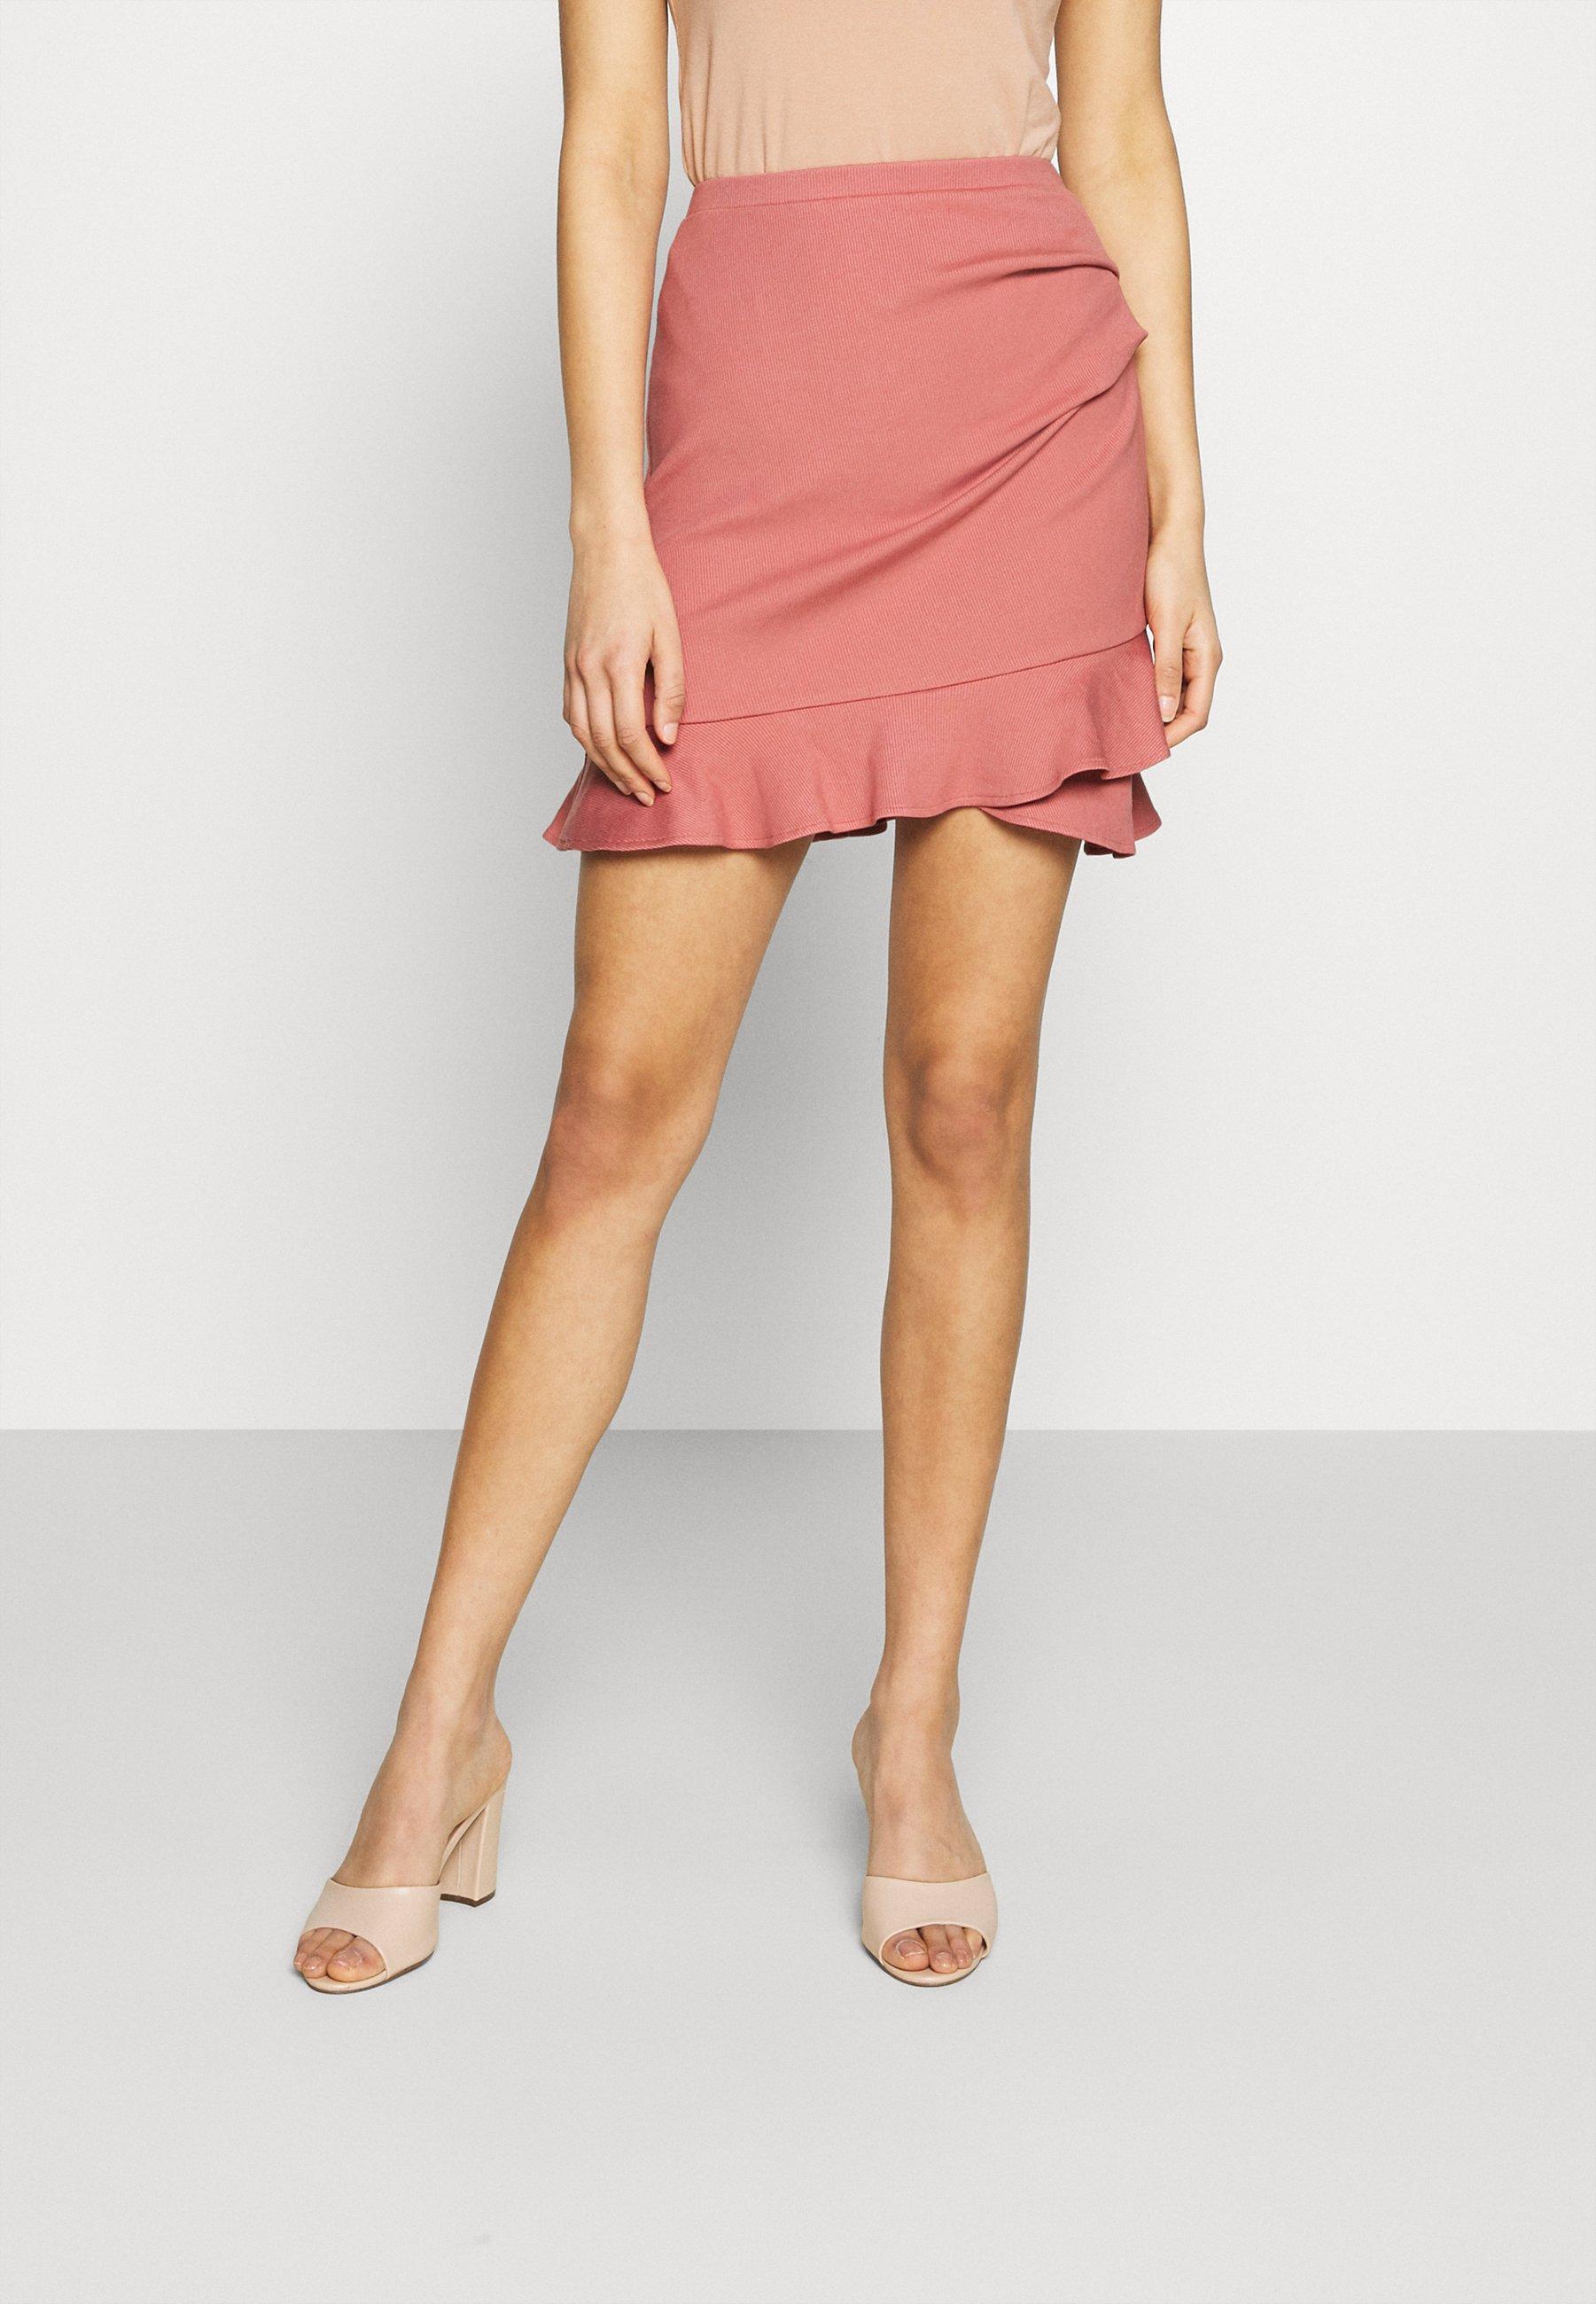 Femme LUCY FRILL SKIRT - Minijupe